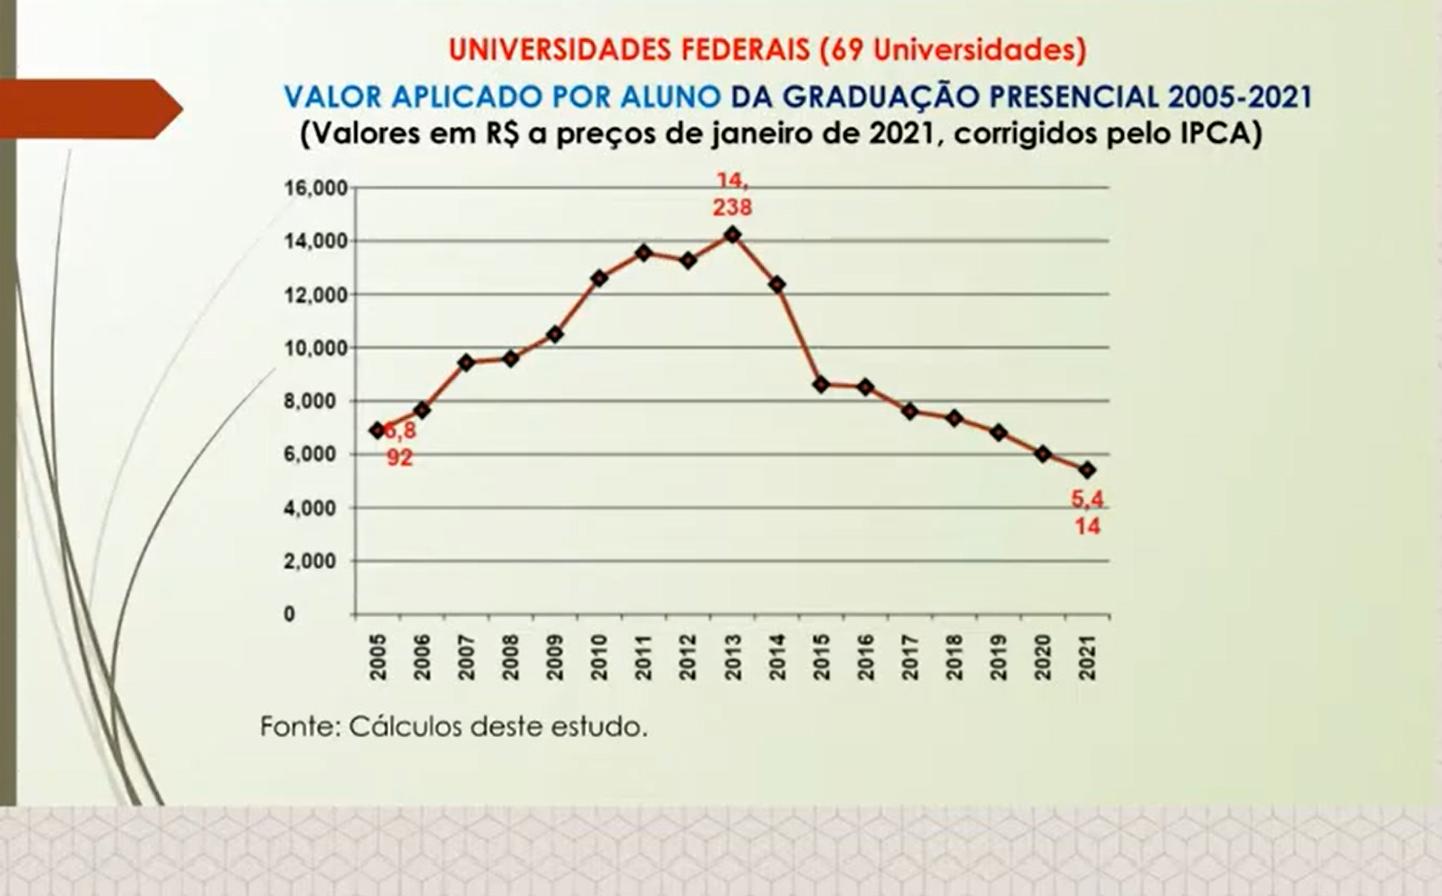 Redução dos gastos por aluno nas universidades: queda vertiginosa desde 2014 e ameaça à qualidade (Estudo do professor Nelson Amaral/UFG)